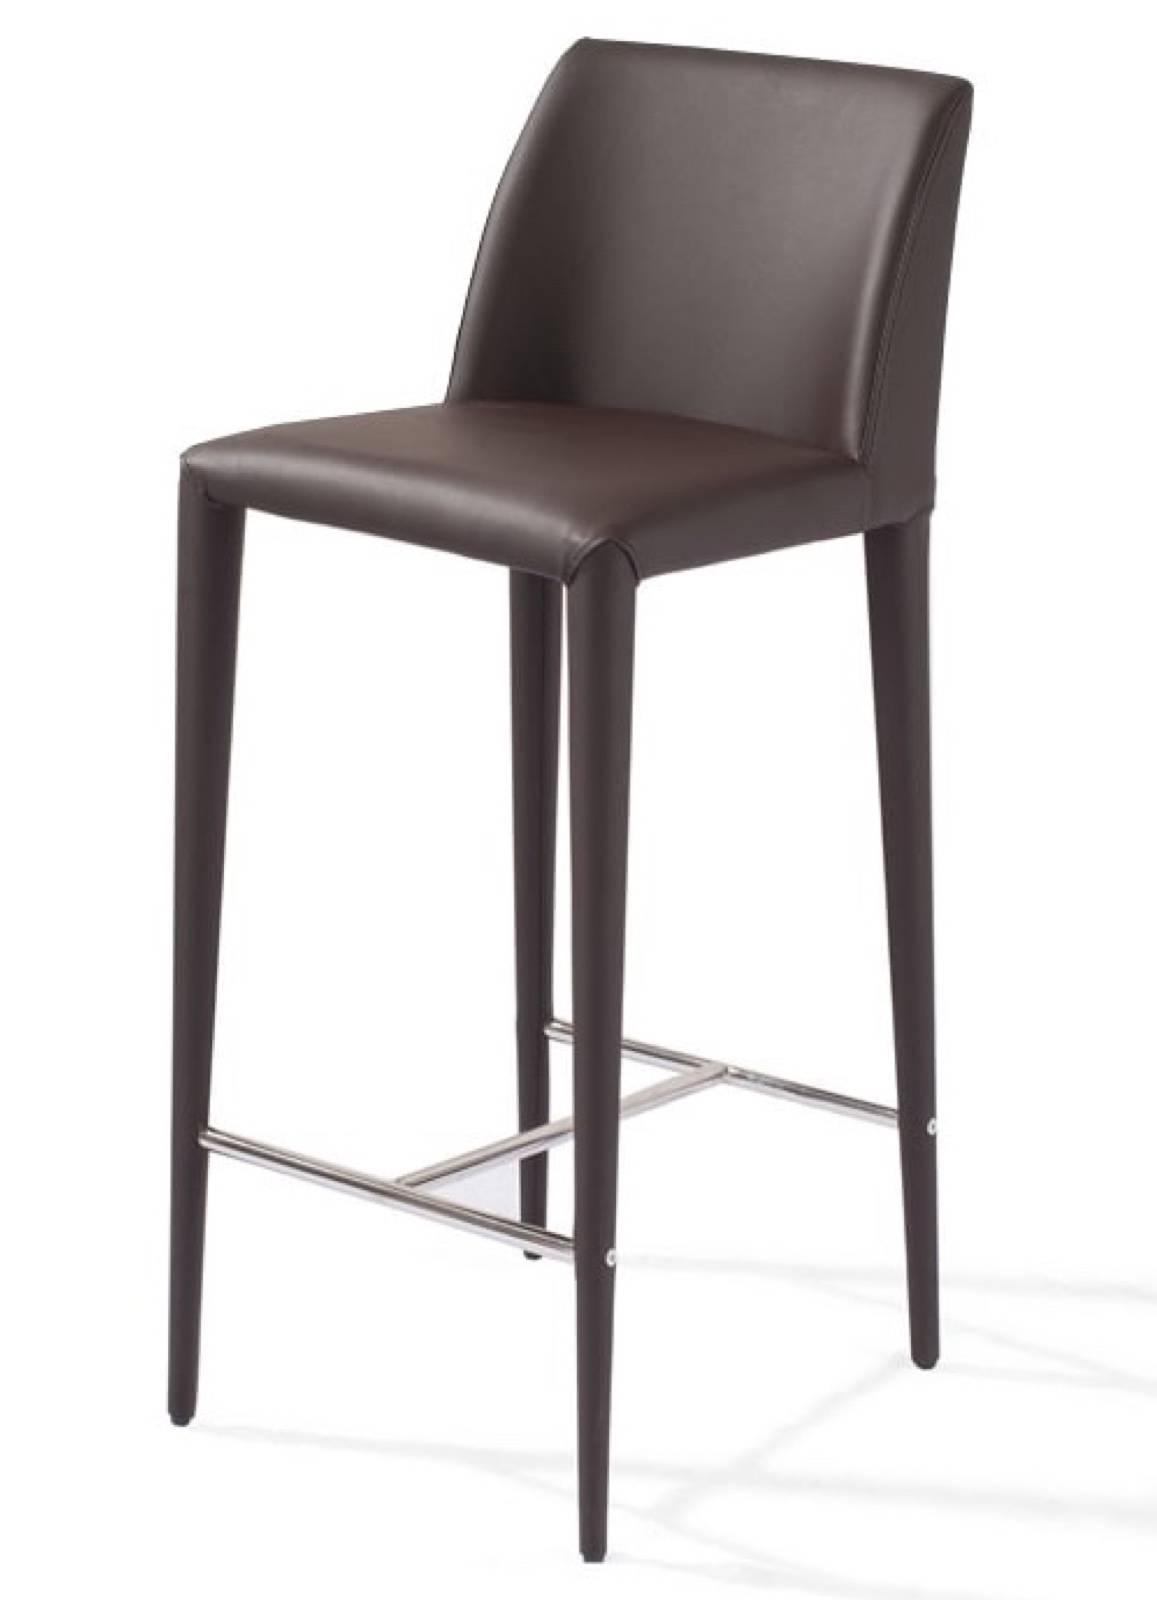 Купить барный стул из экокожи в Raroom